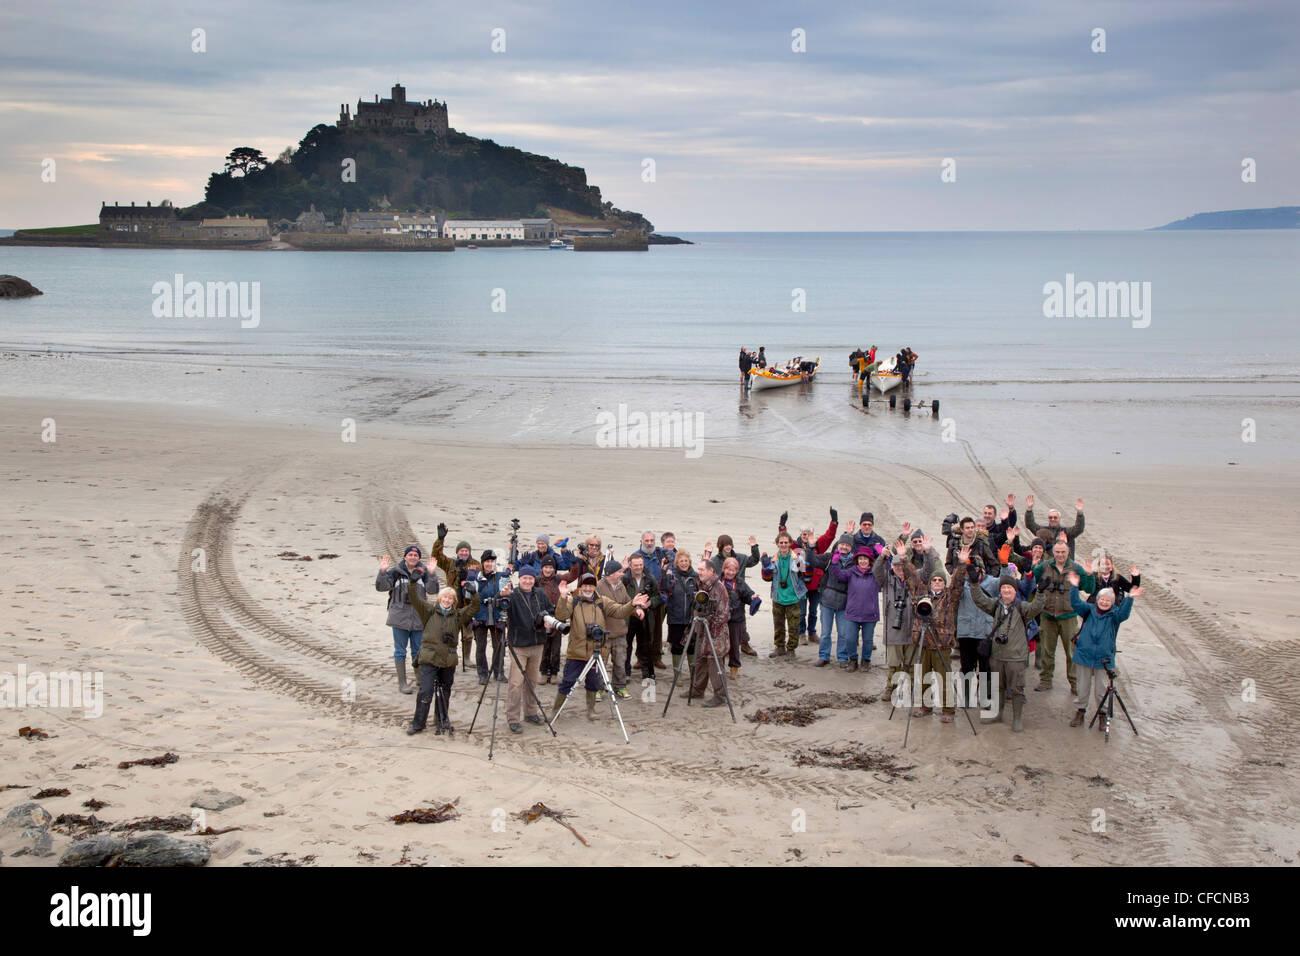 Sortie de groupe photographique à Marazion, St Michael's Mount, Cornwall, UK Photo Stock